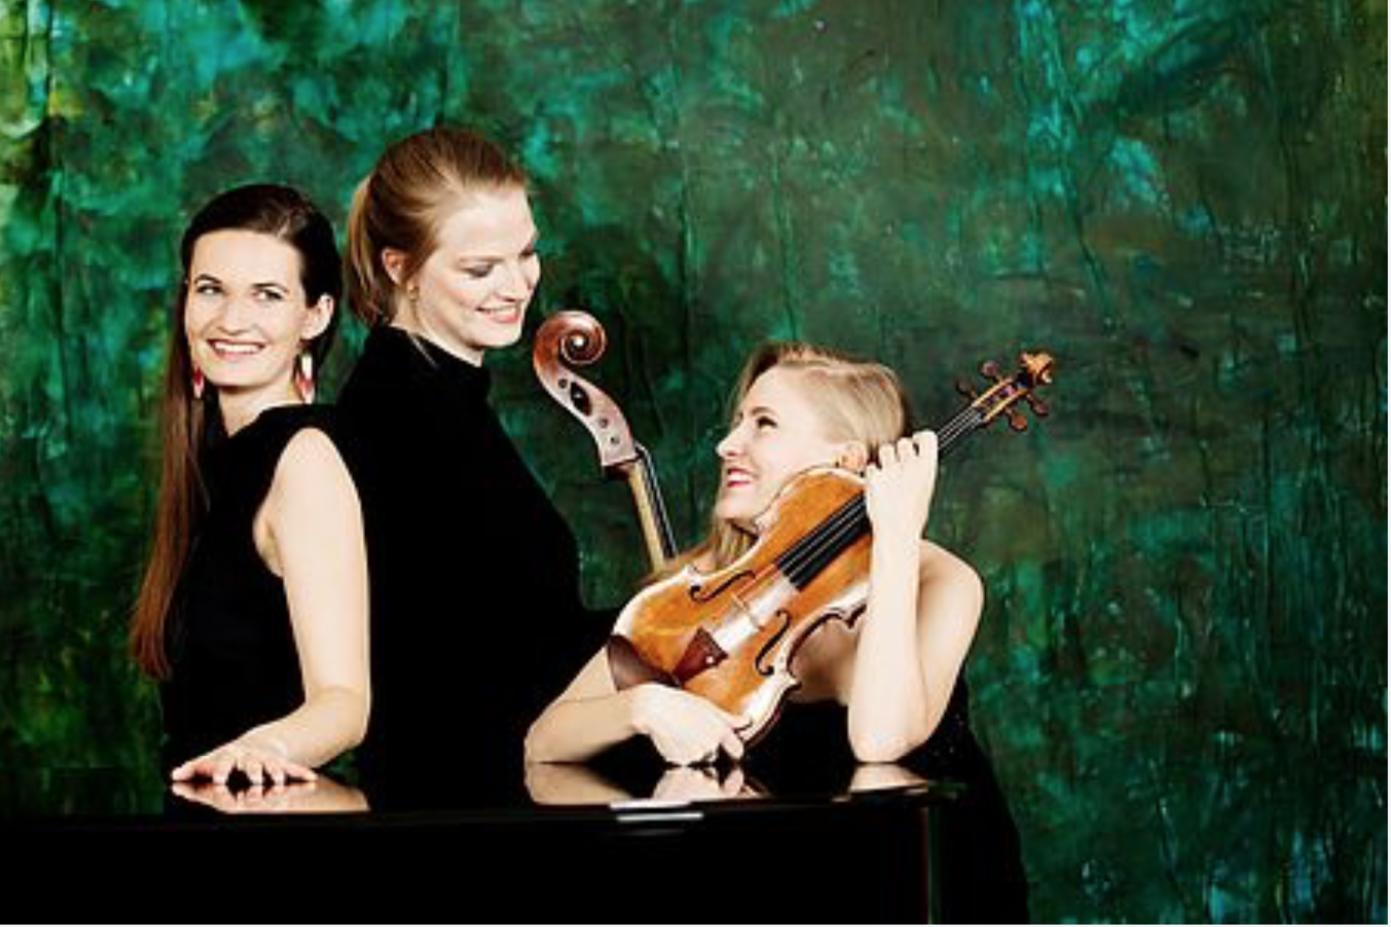 Das Trio Artio: Drei junge Frauen in schwarzen Kleidern mit Musikinstrumenten